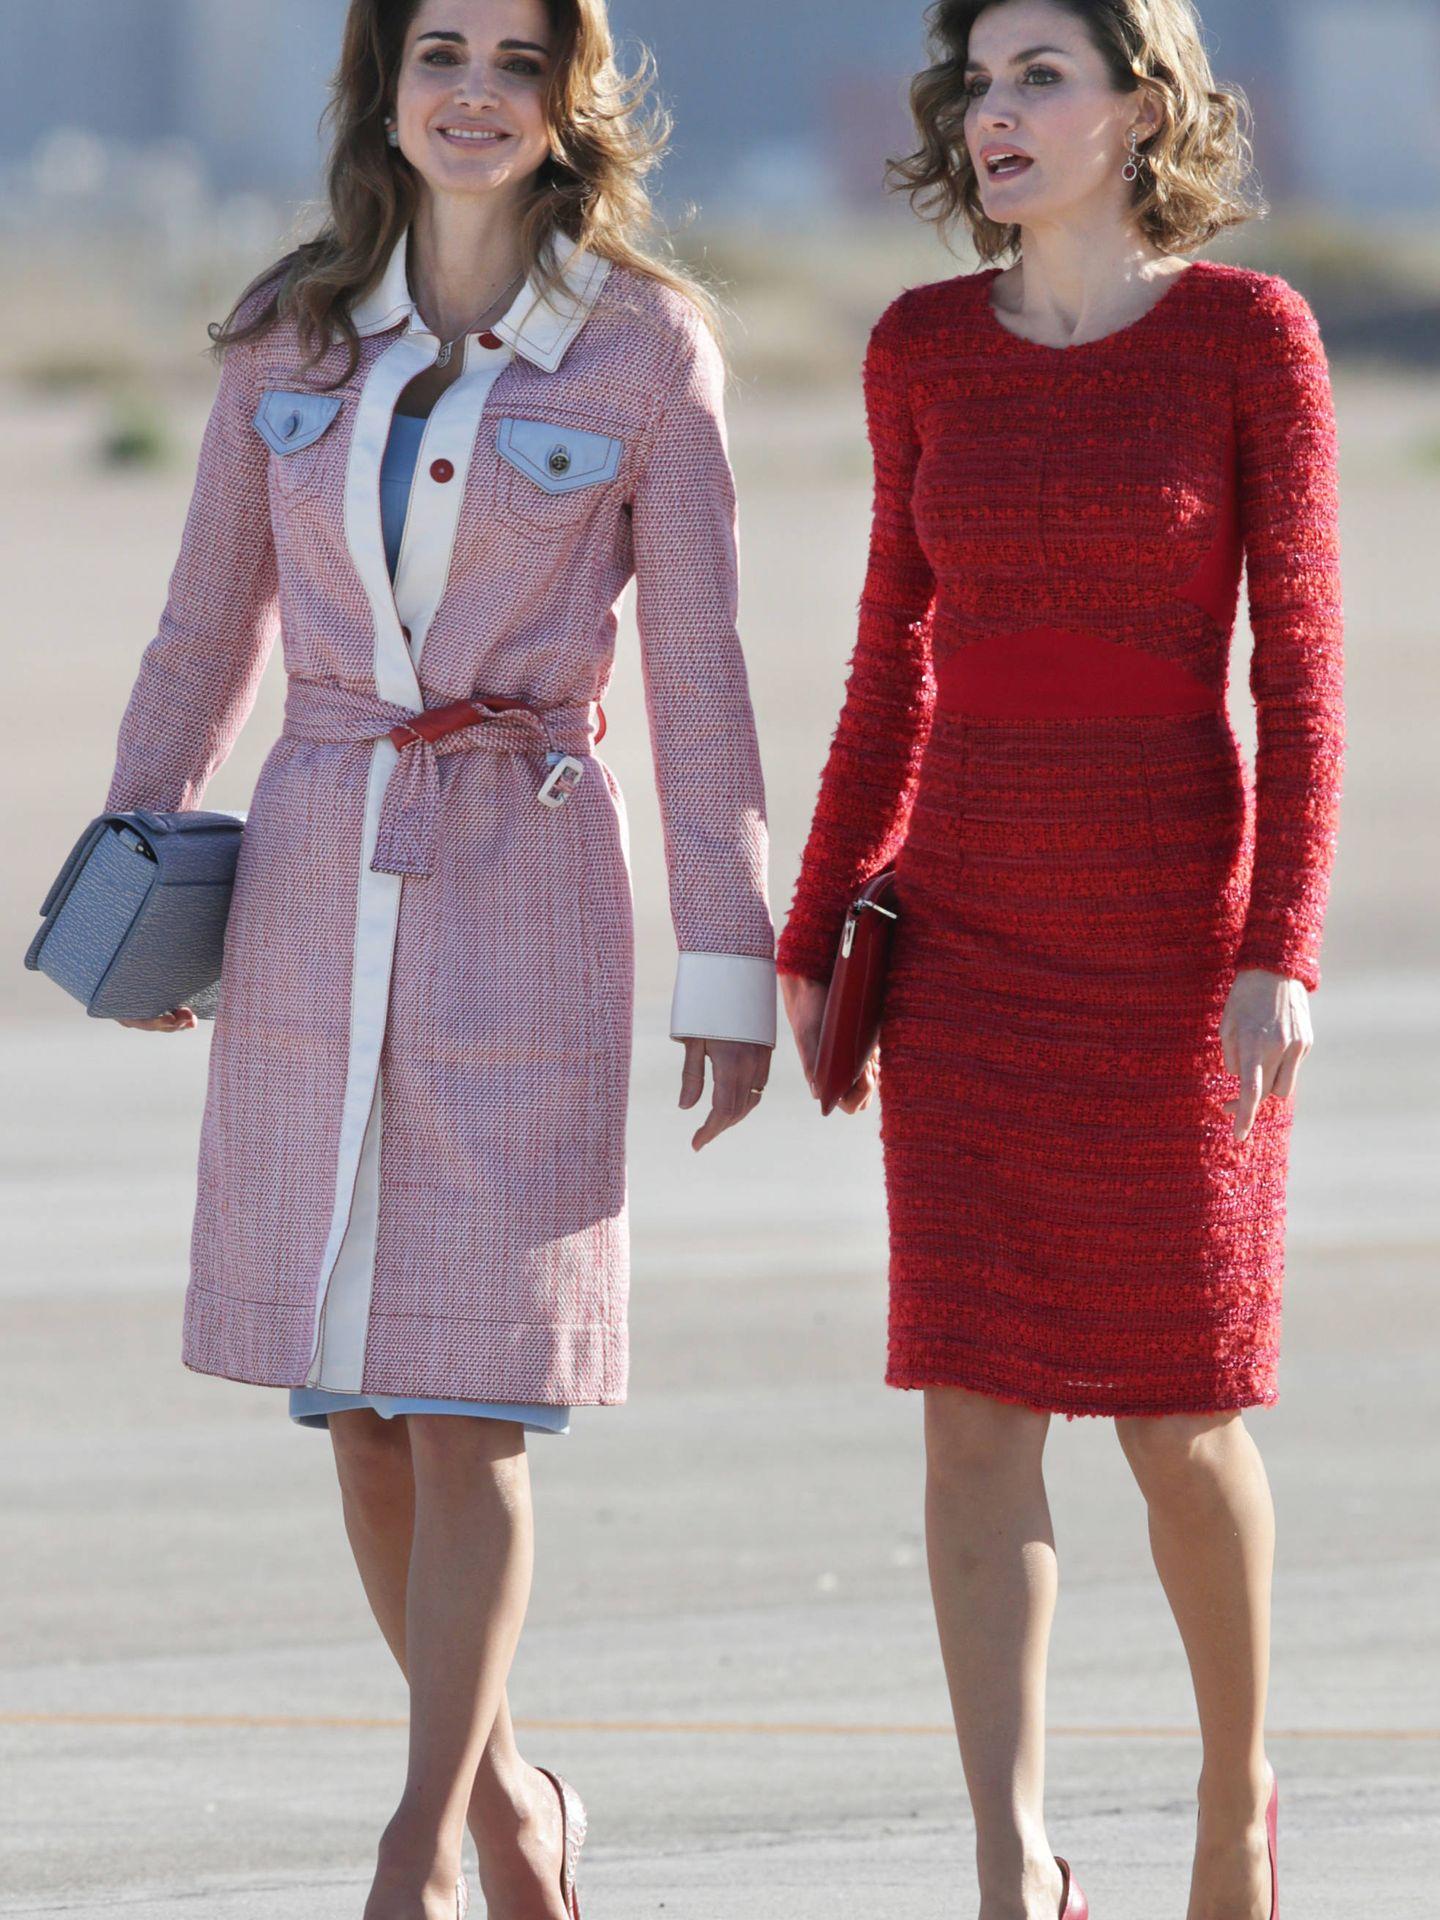 Rania y Letizia, durante la visita de los reyes jordanos a España. (Gtres)